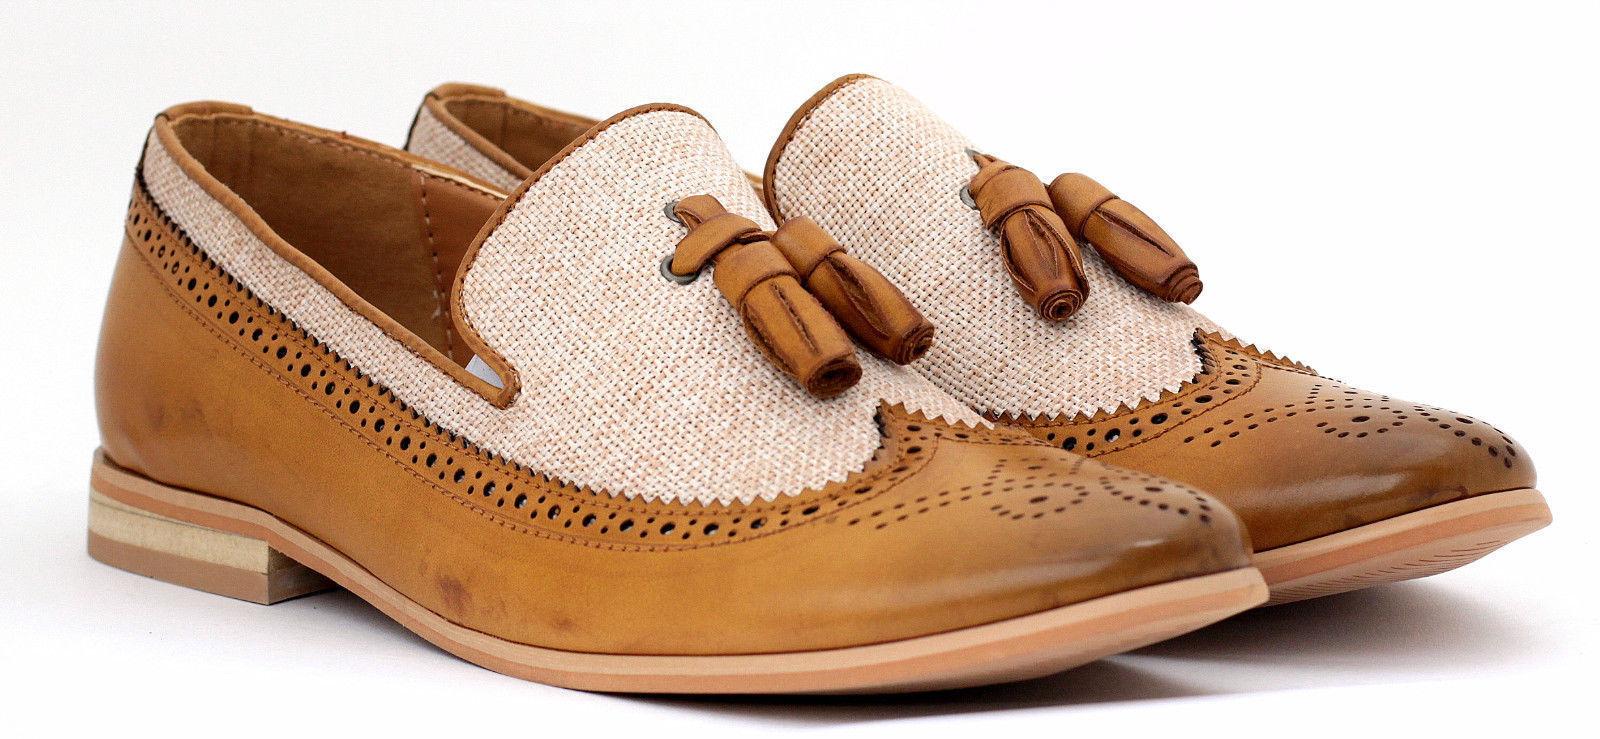 Hecho a mano para hombres Cuero Genuino De Bronceado & Tela Zapatos Oxford Brogue punta del ala Slip Ons